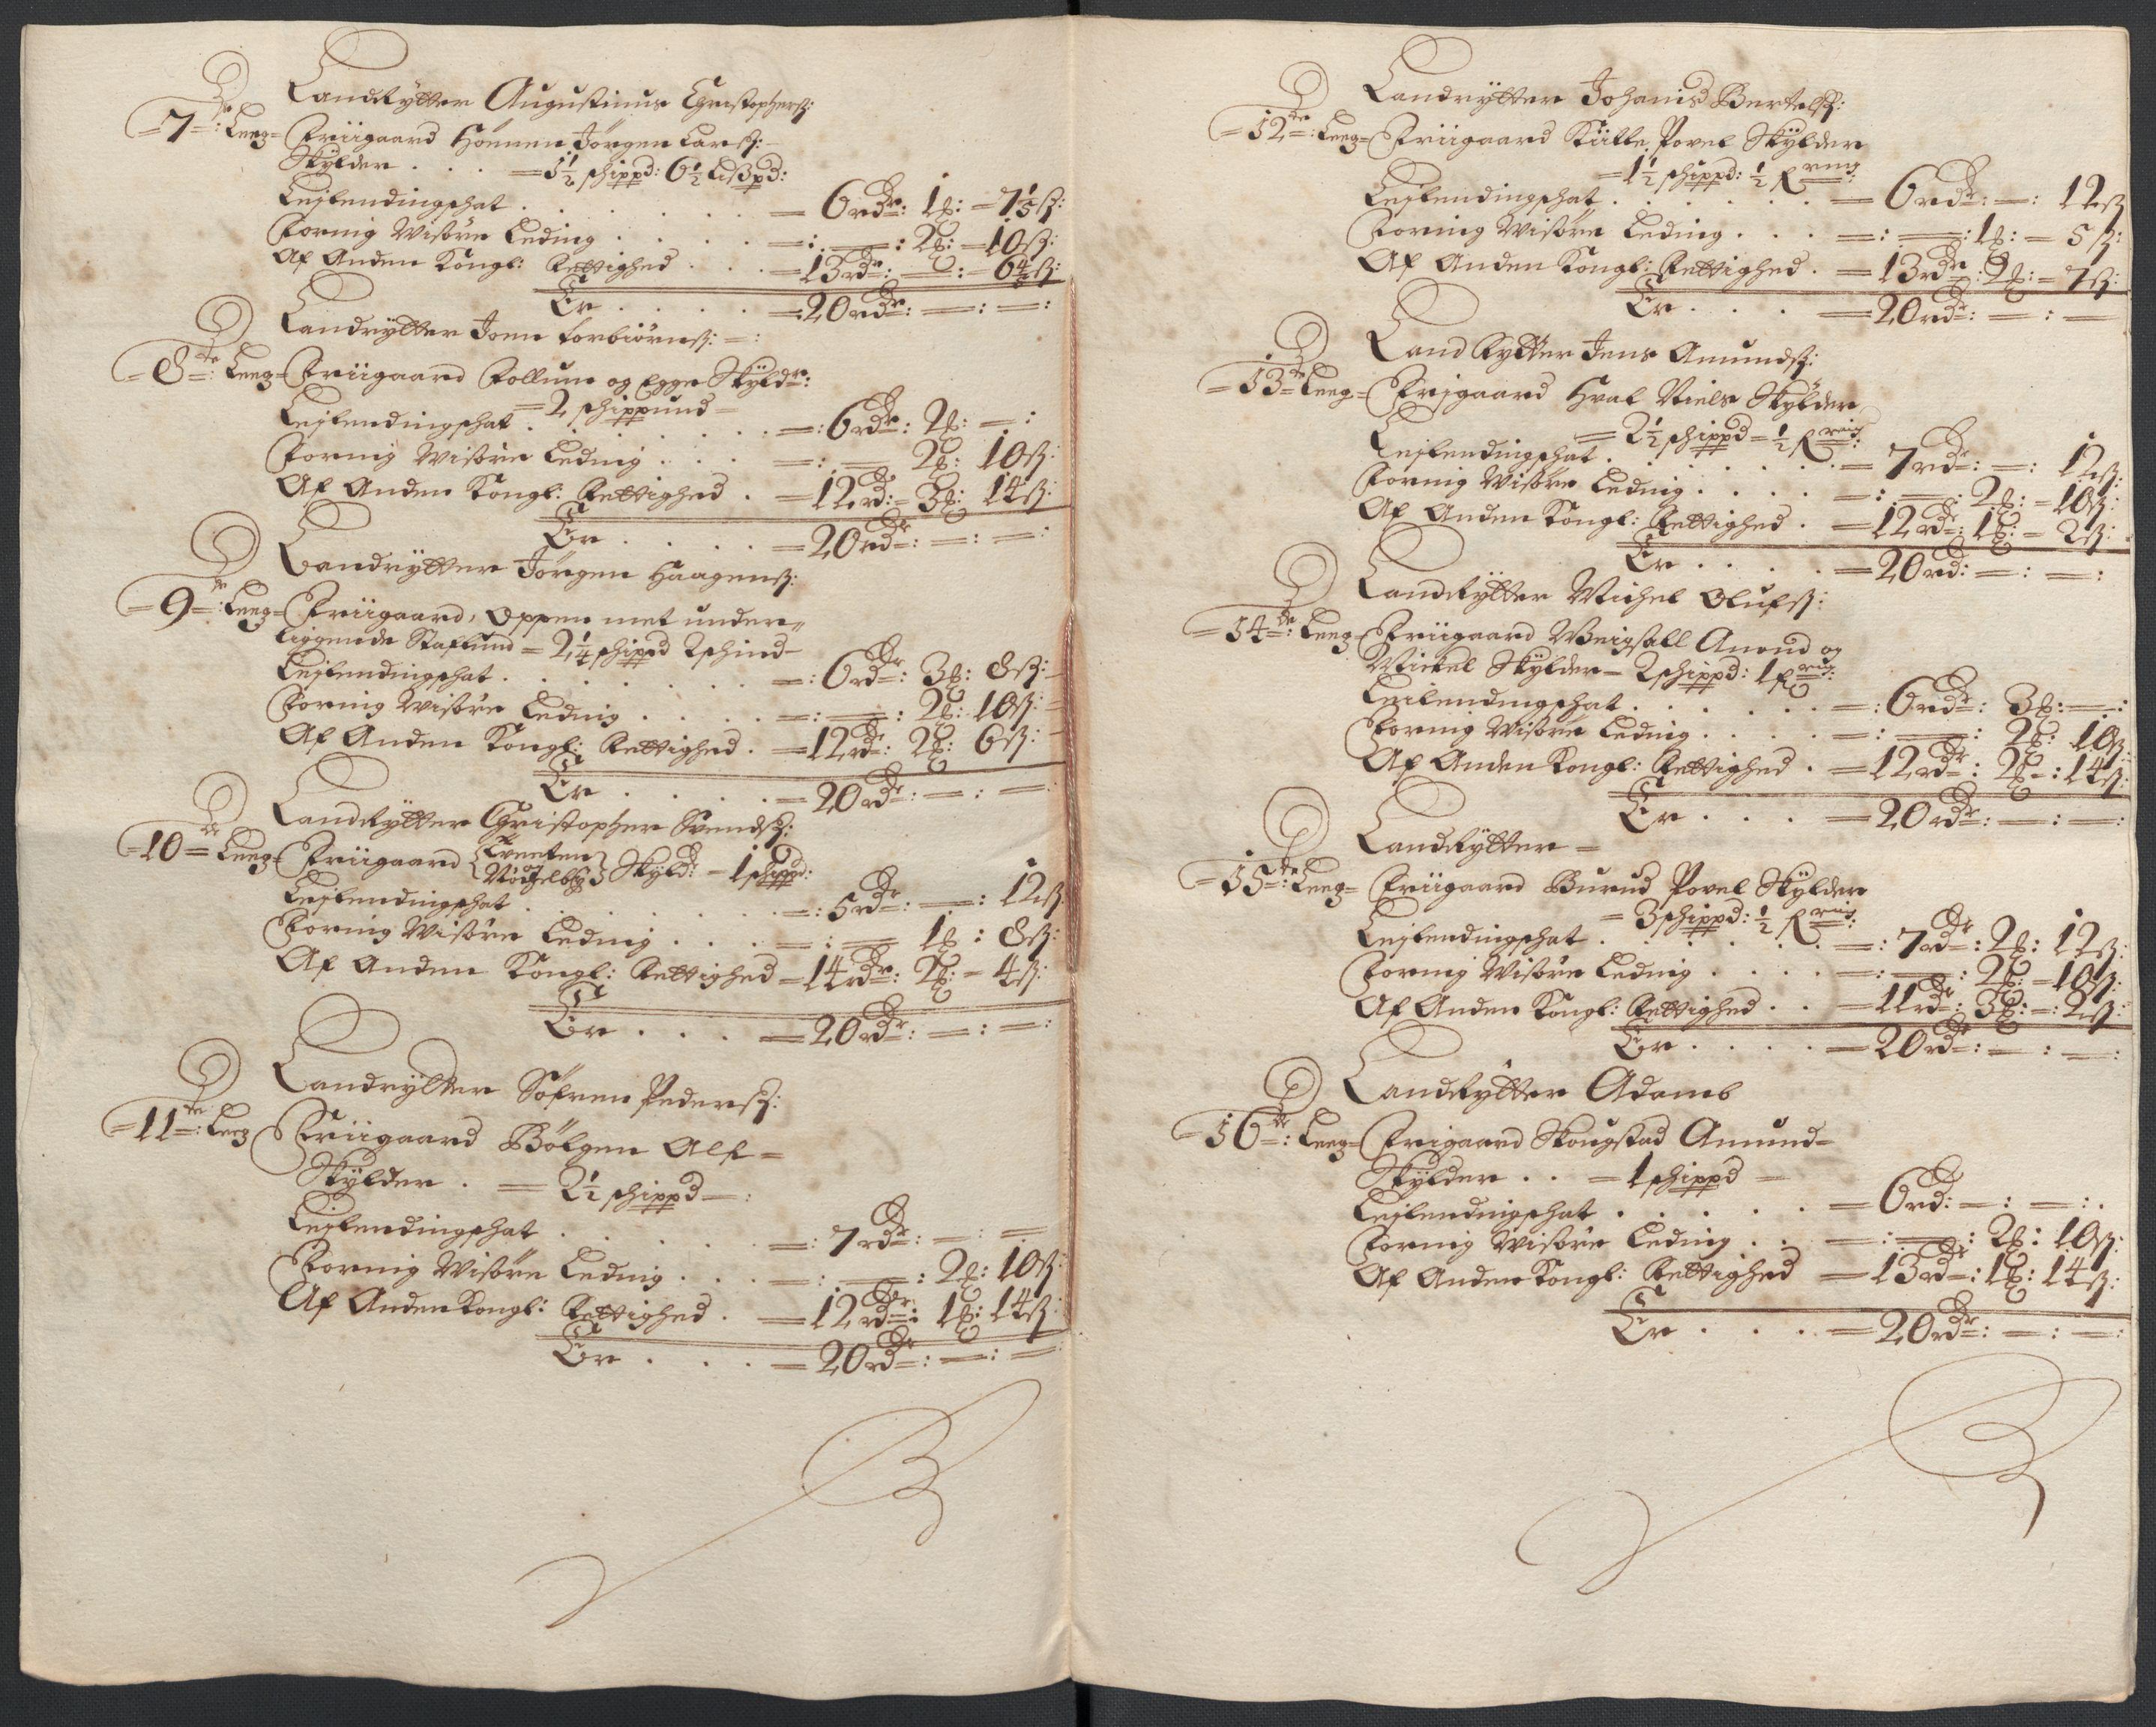 RA, Rentekammeret inntil 1814, Reviderte regnskaper, Fogderegnskap, R21/L1447: Fogderegnskap Ringerike og Hallingdal, 1687-1689, s. 246